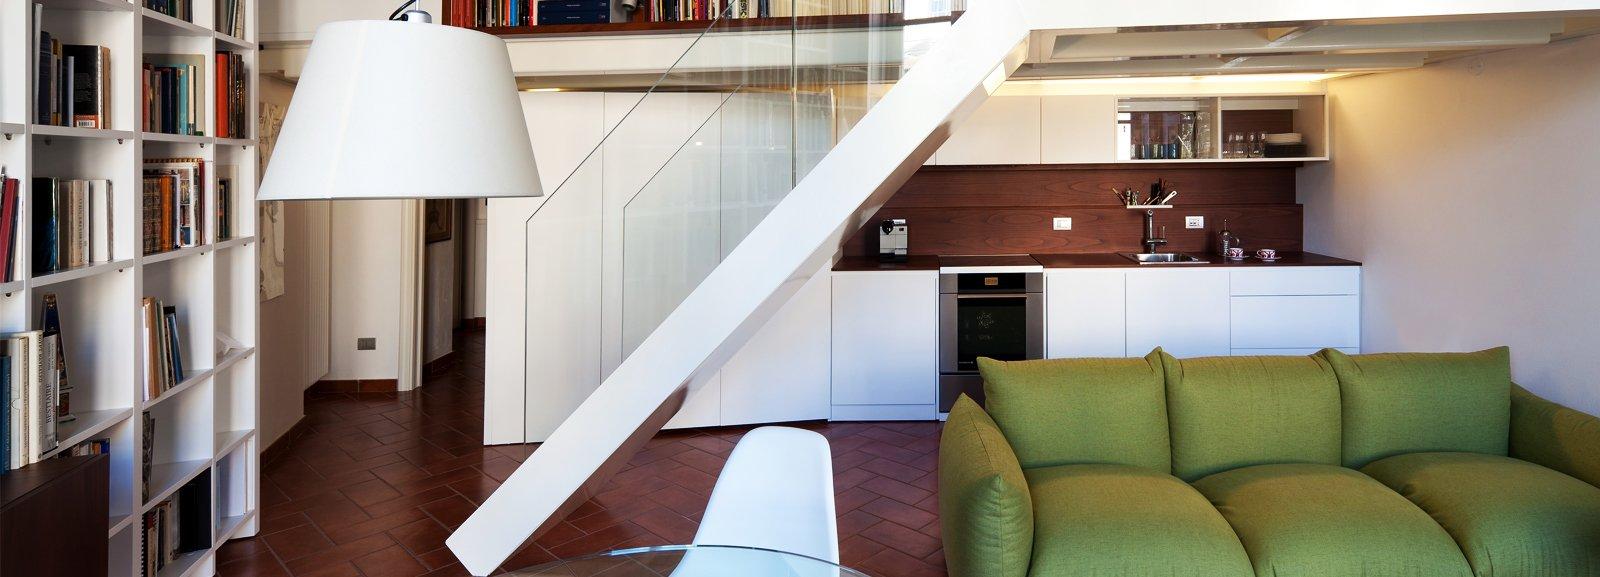 Un monolocale ampliato in altezza cose di casa - Altezza parapetti finestre normativa ...